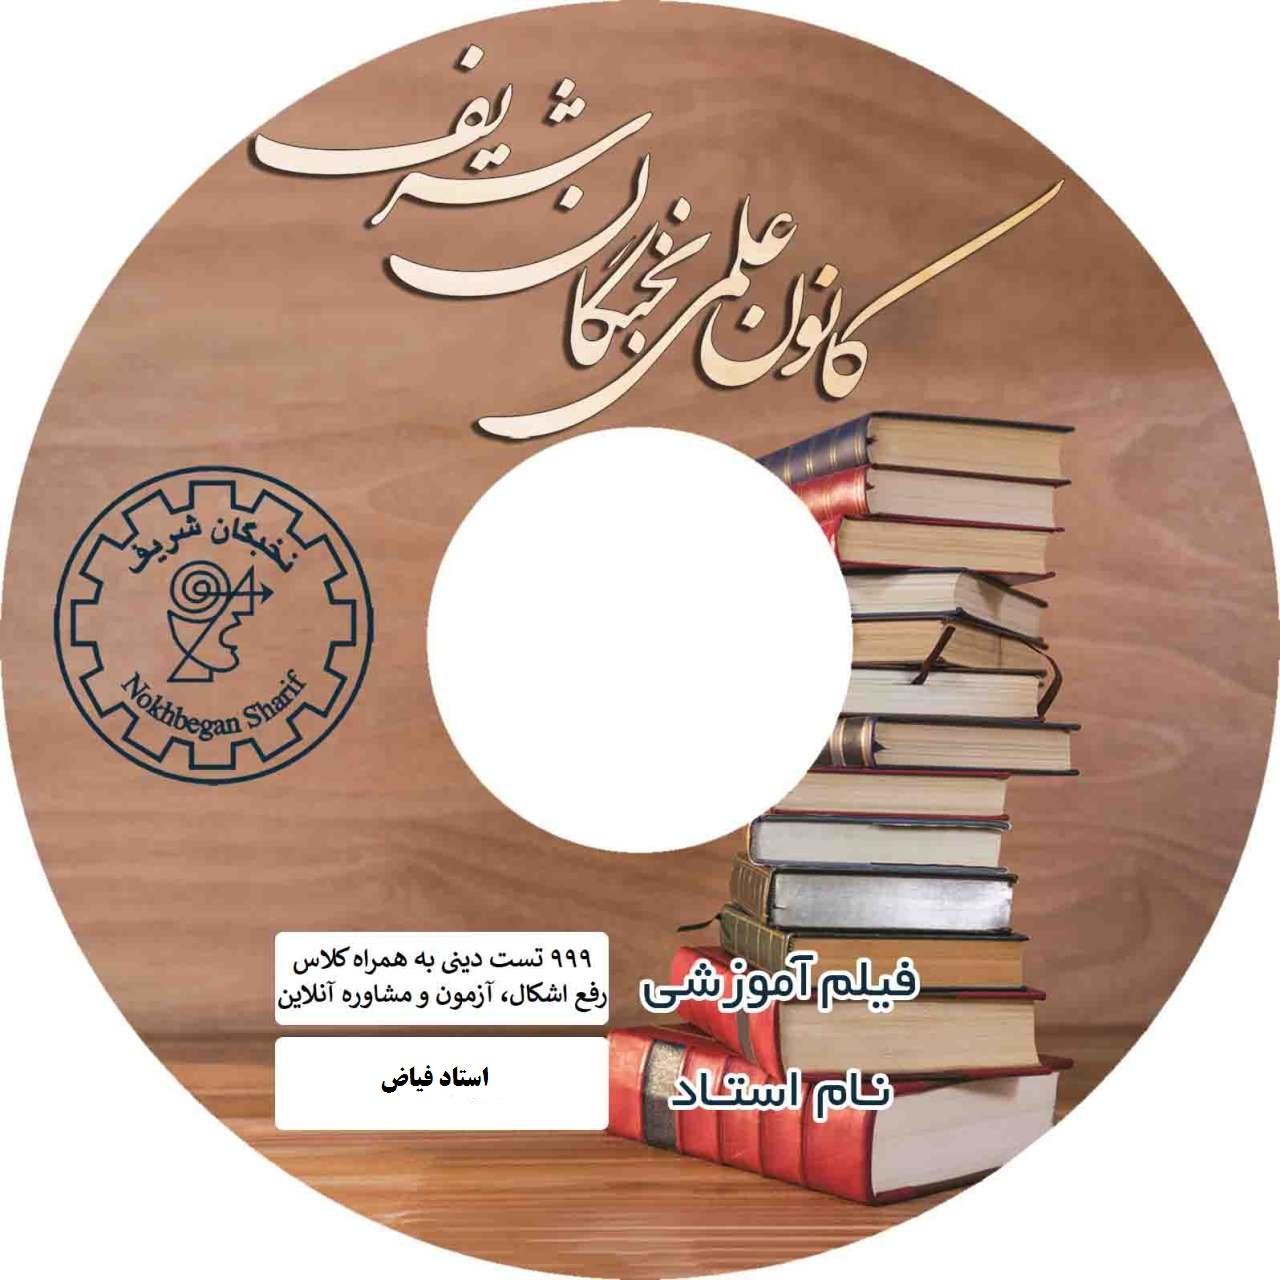 آموزش تصویری تست های دین و زندگی کنکور نشر نخبگان شریف